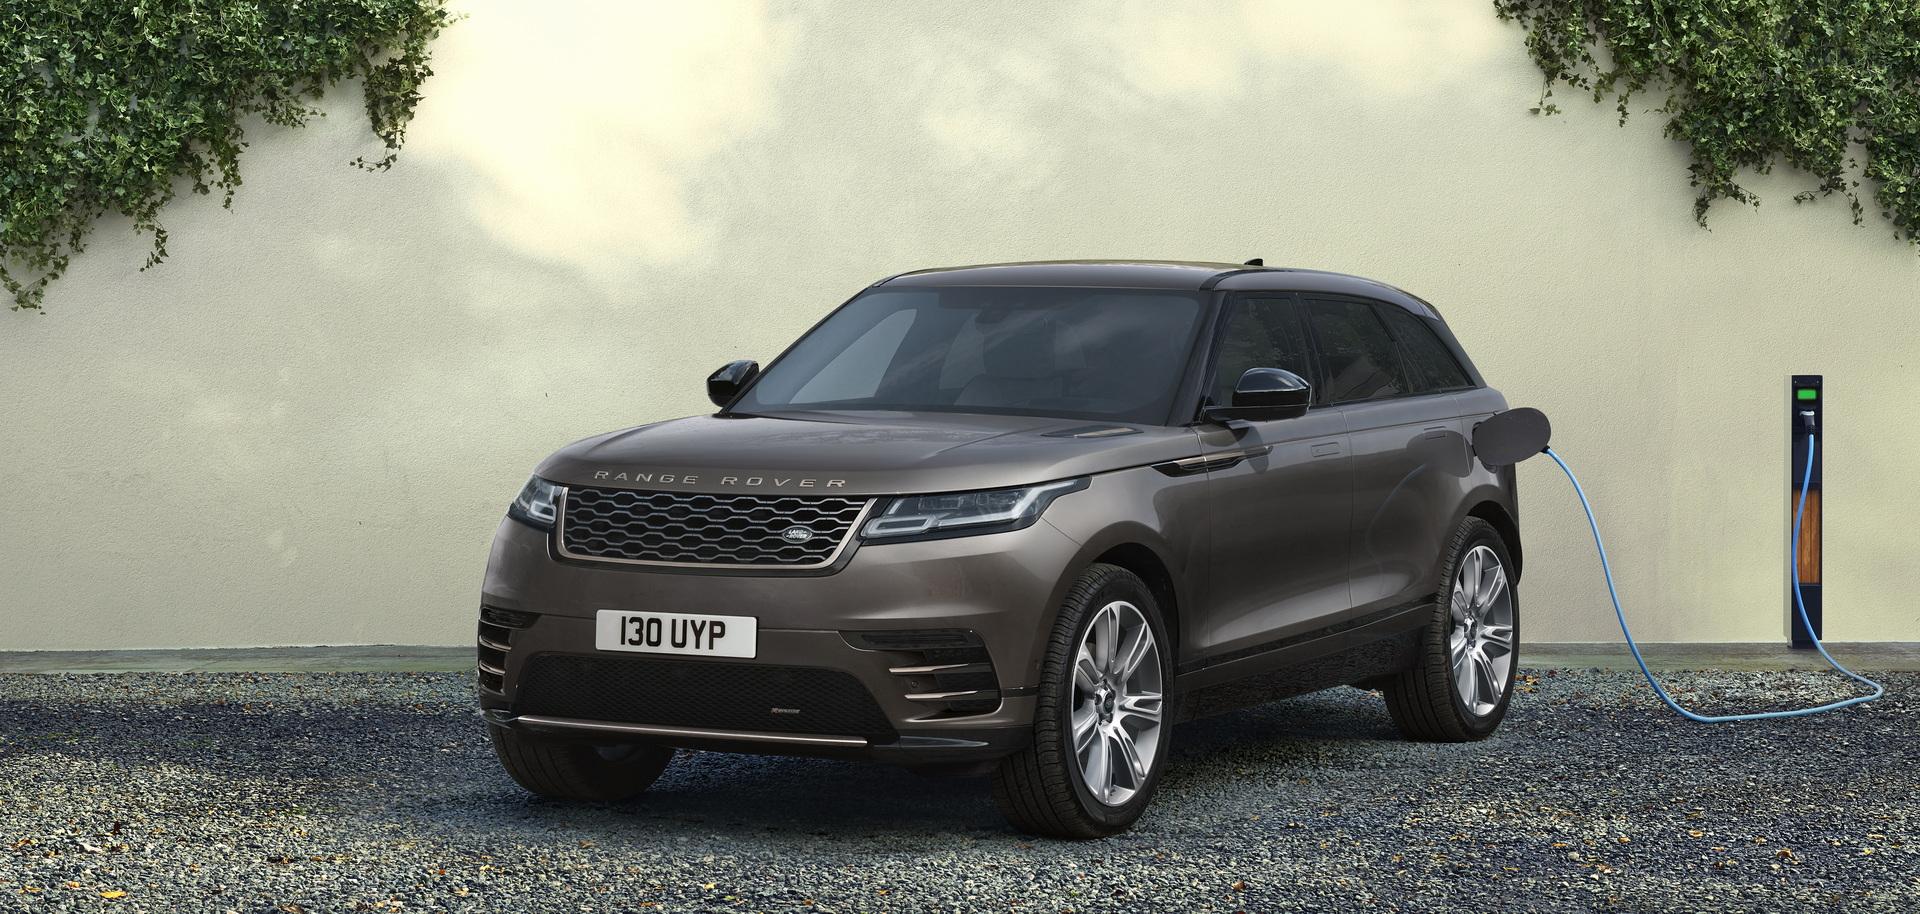 Land-Rover-ra-mắt-Range-Rover-Velar-2022-với-nhiều-nâng-cấp (13).jpg